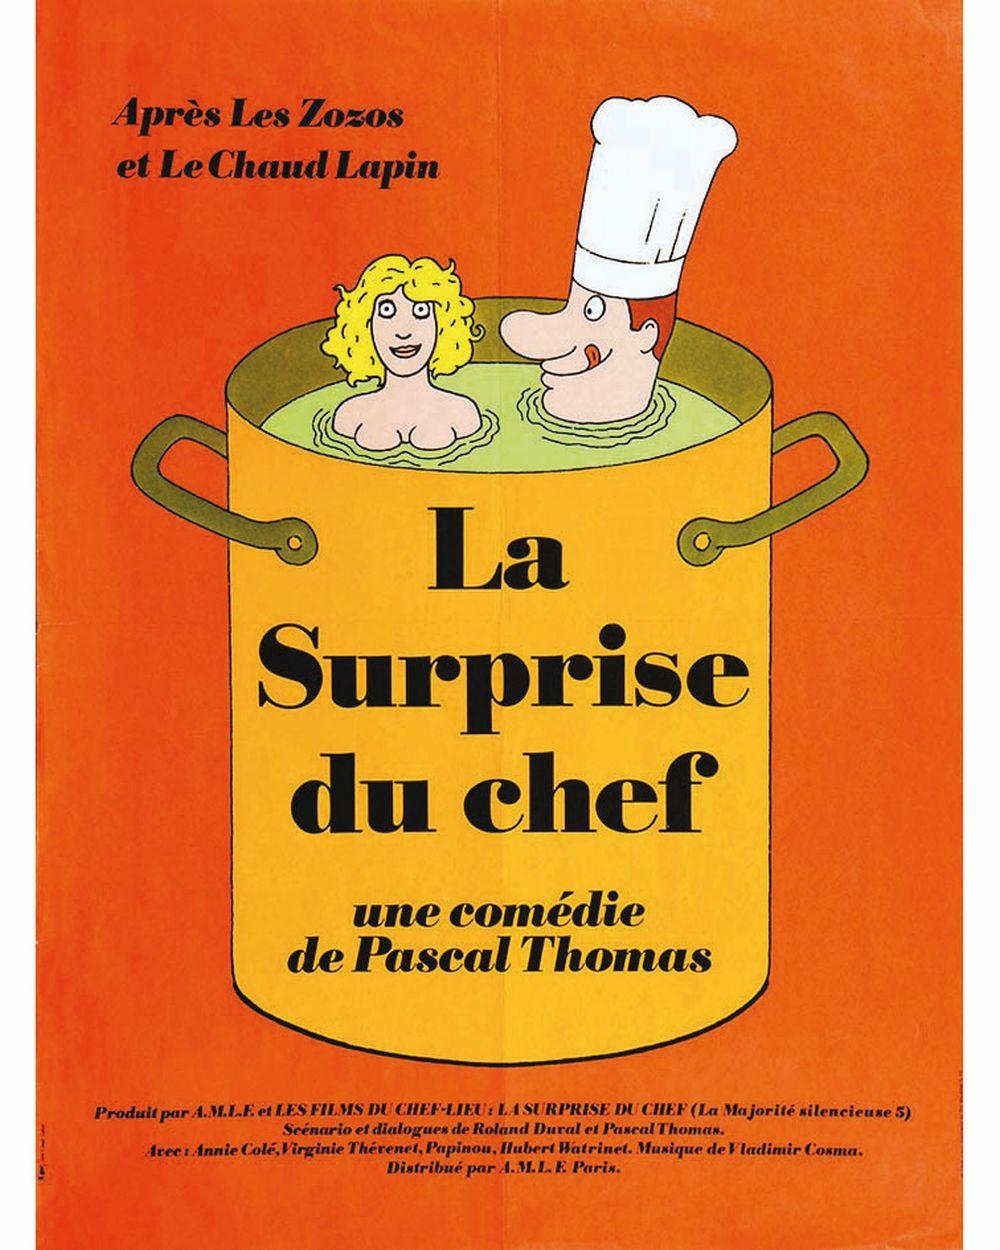 LABRET JEAN CLAUDE - La Surprise du Chef comedie de Pascal Thomas     vers 1970